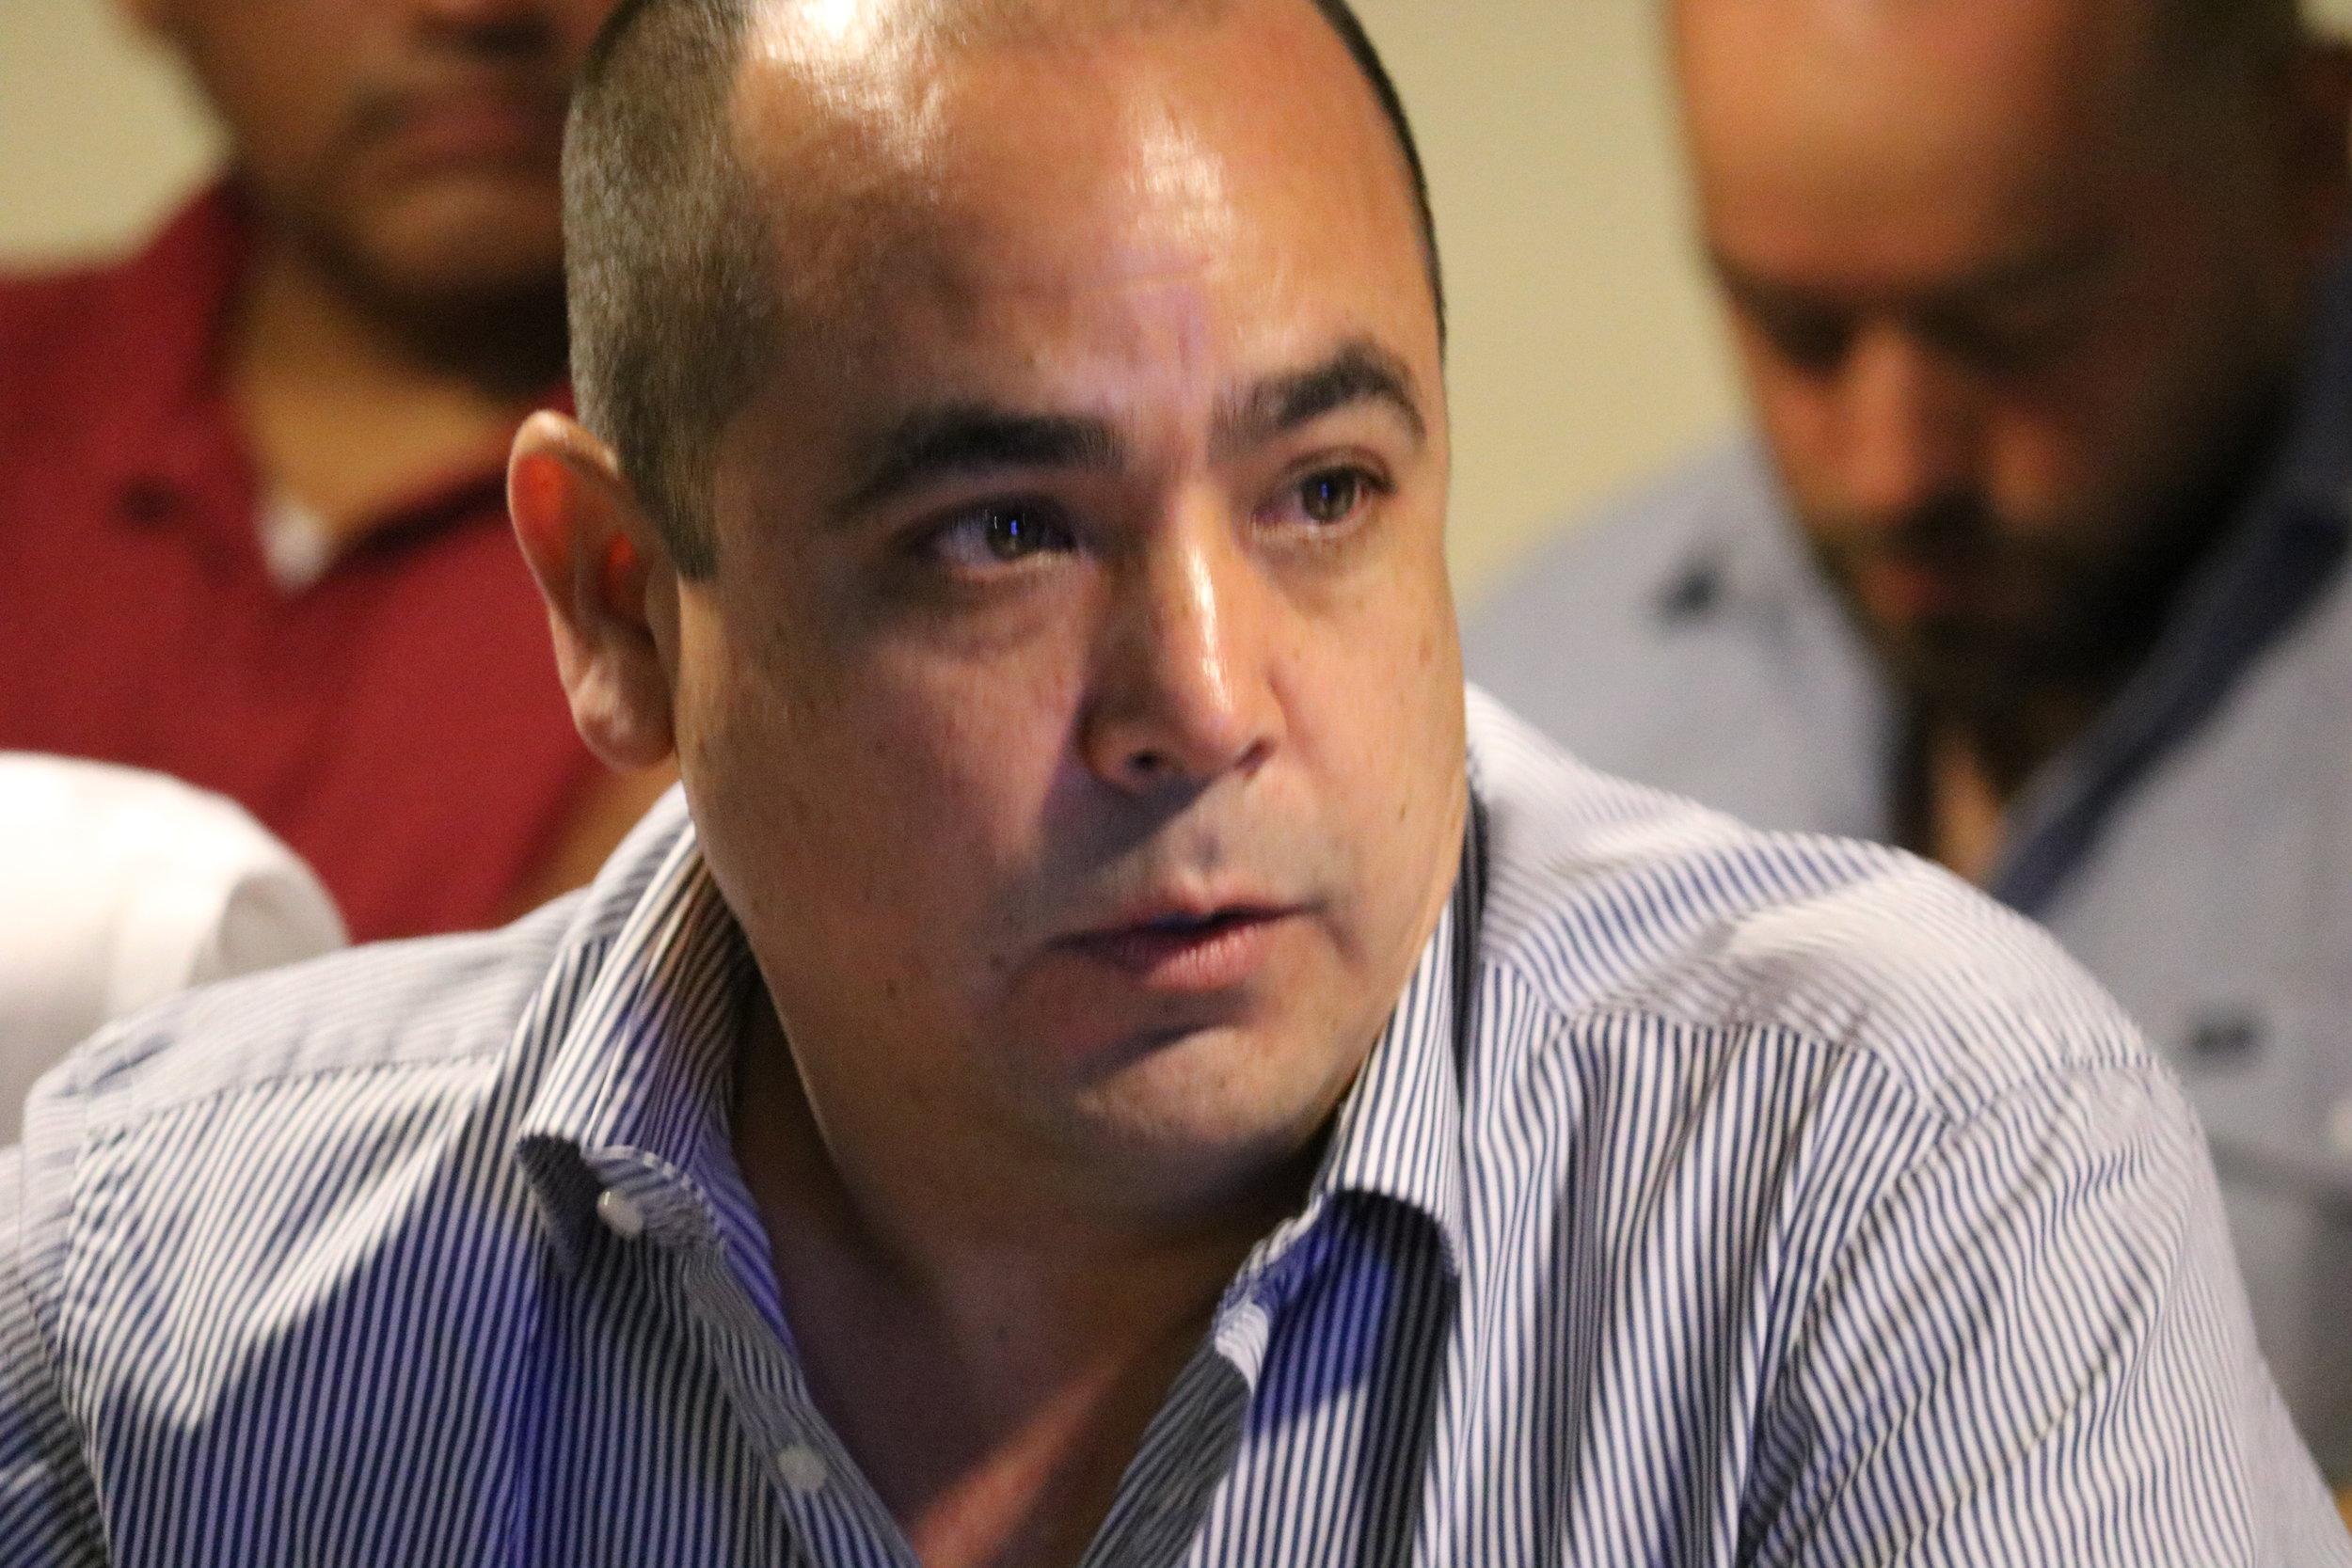 Iván Contreras, Frigorífica Contreras